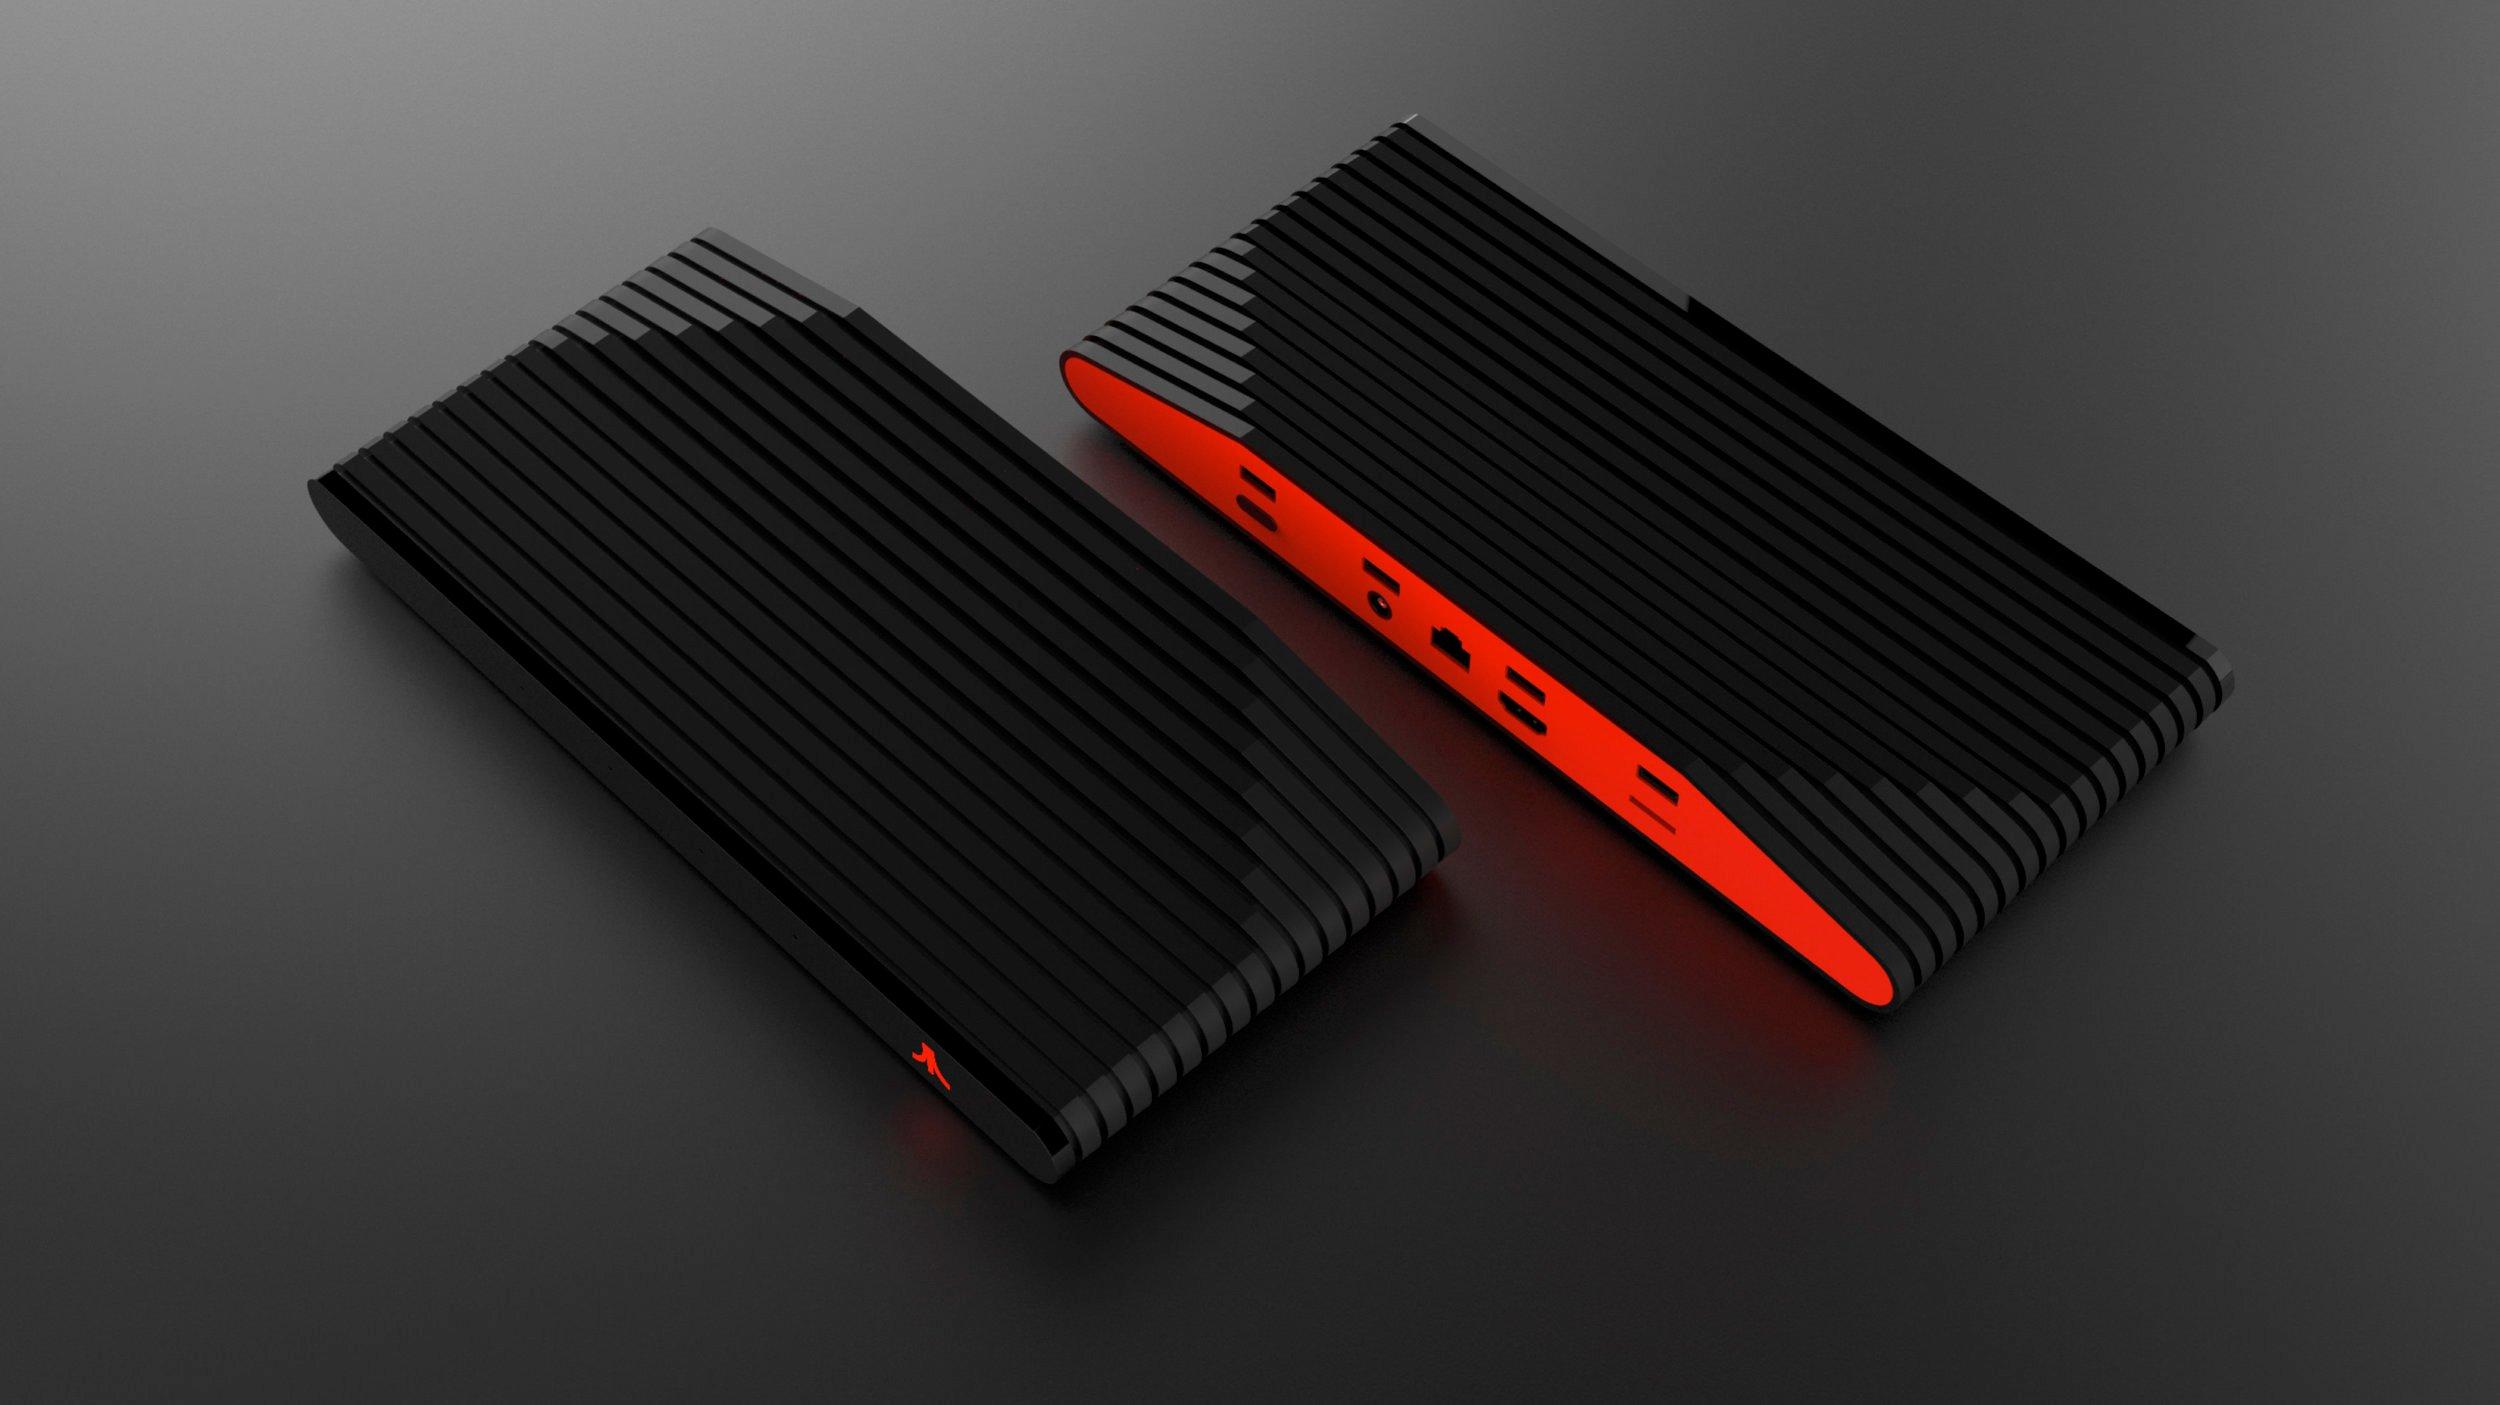 Atari está de vuelta con Ataribox: la nueva consola llena de clásicos y nostalgia ataribox 4 1